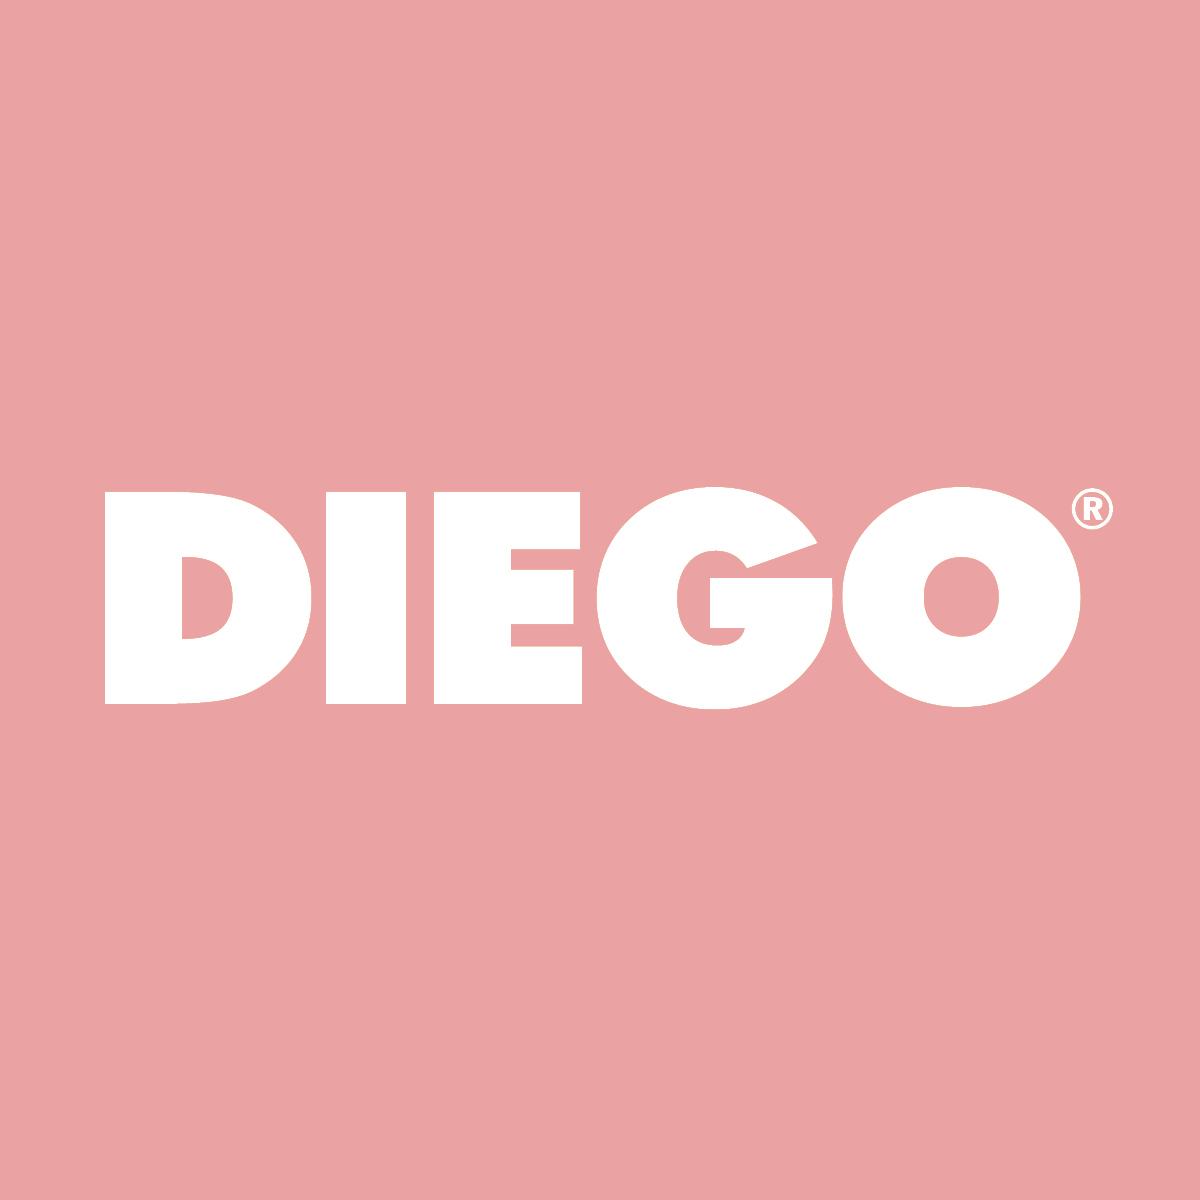 Kiddy Pastel többszínű szőnyeg